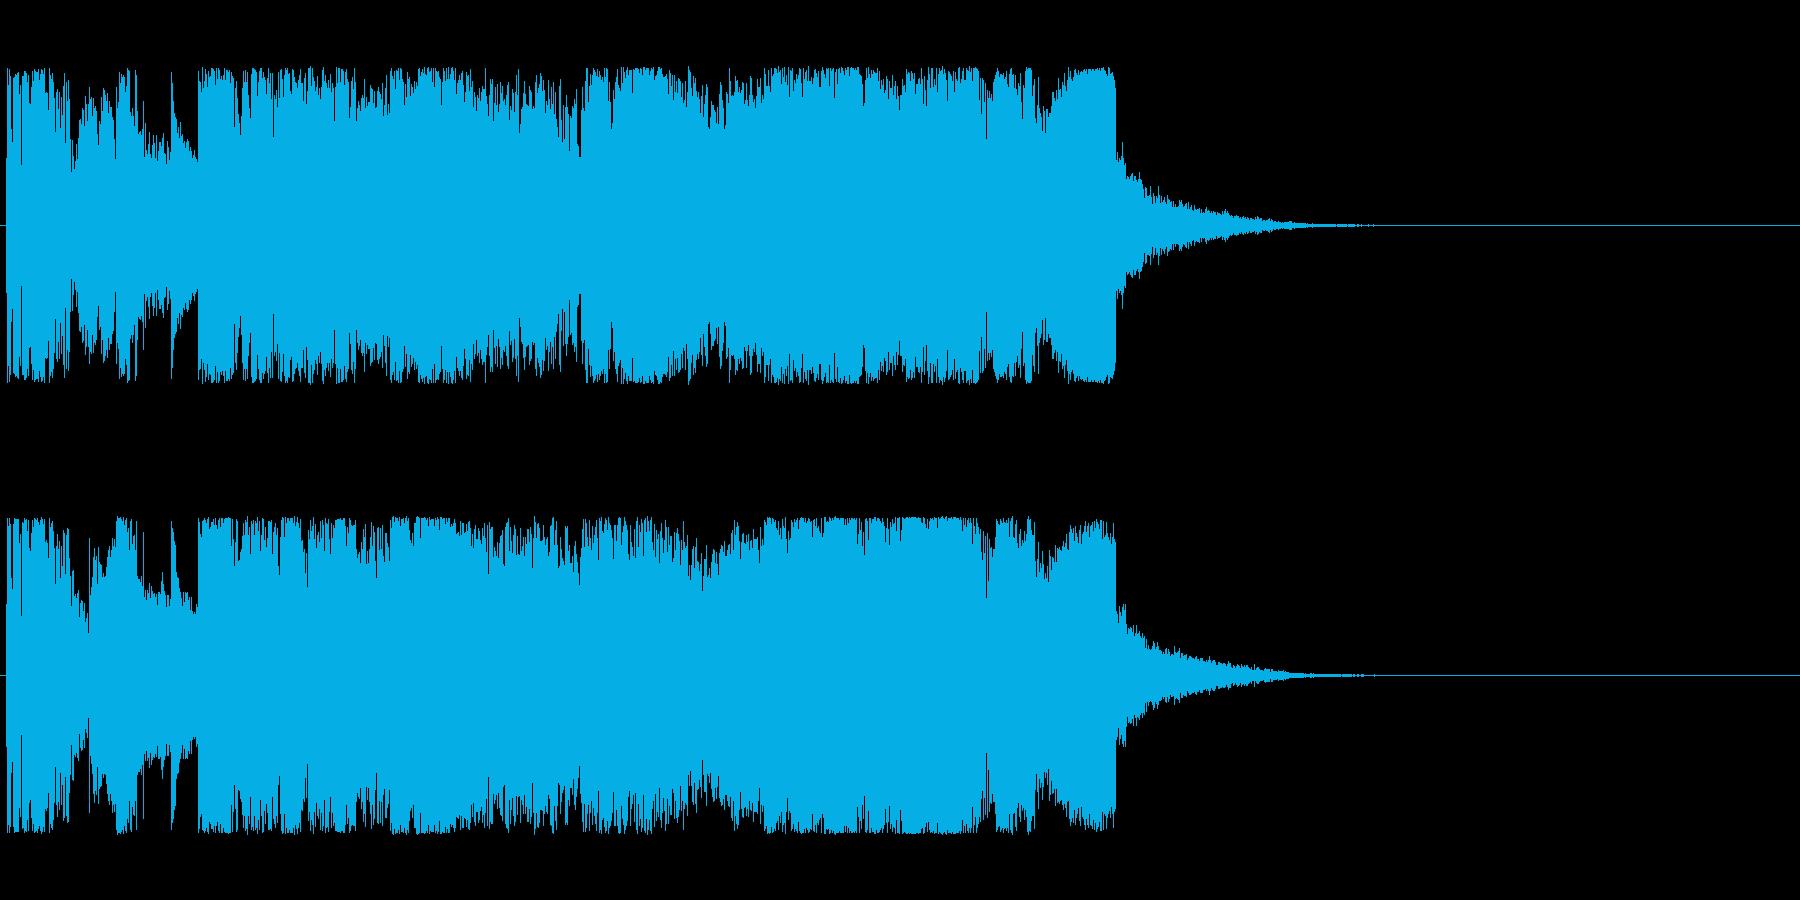 賑やかパワフル系サウンドロゴの再生済みの波形